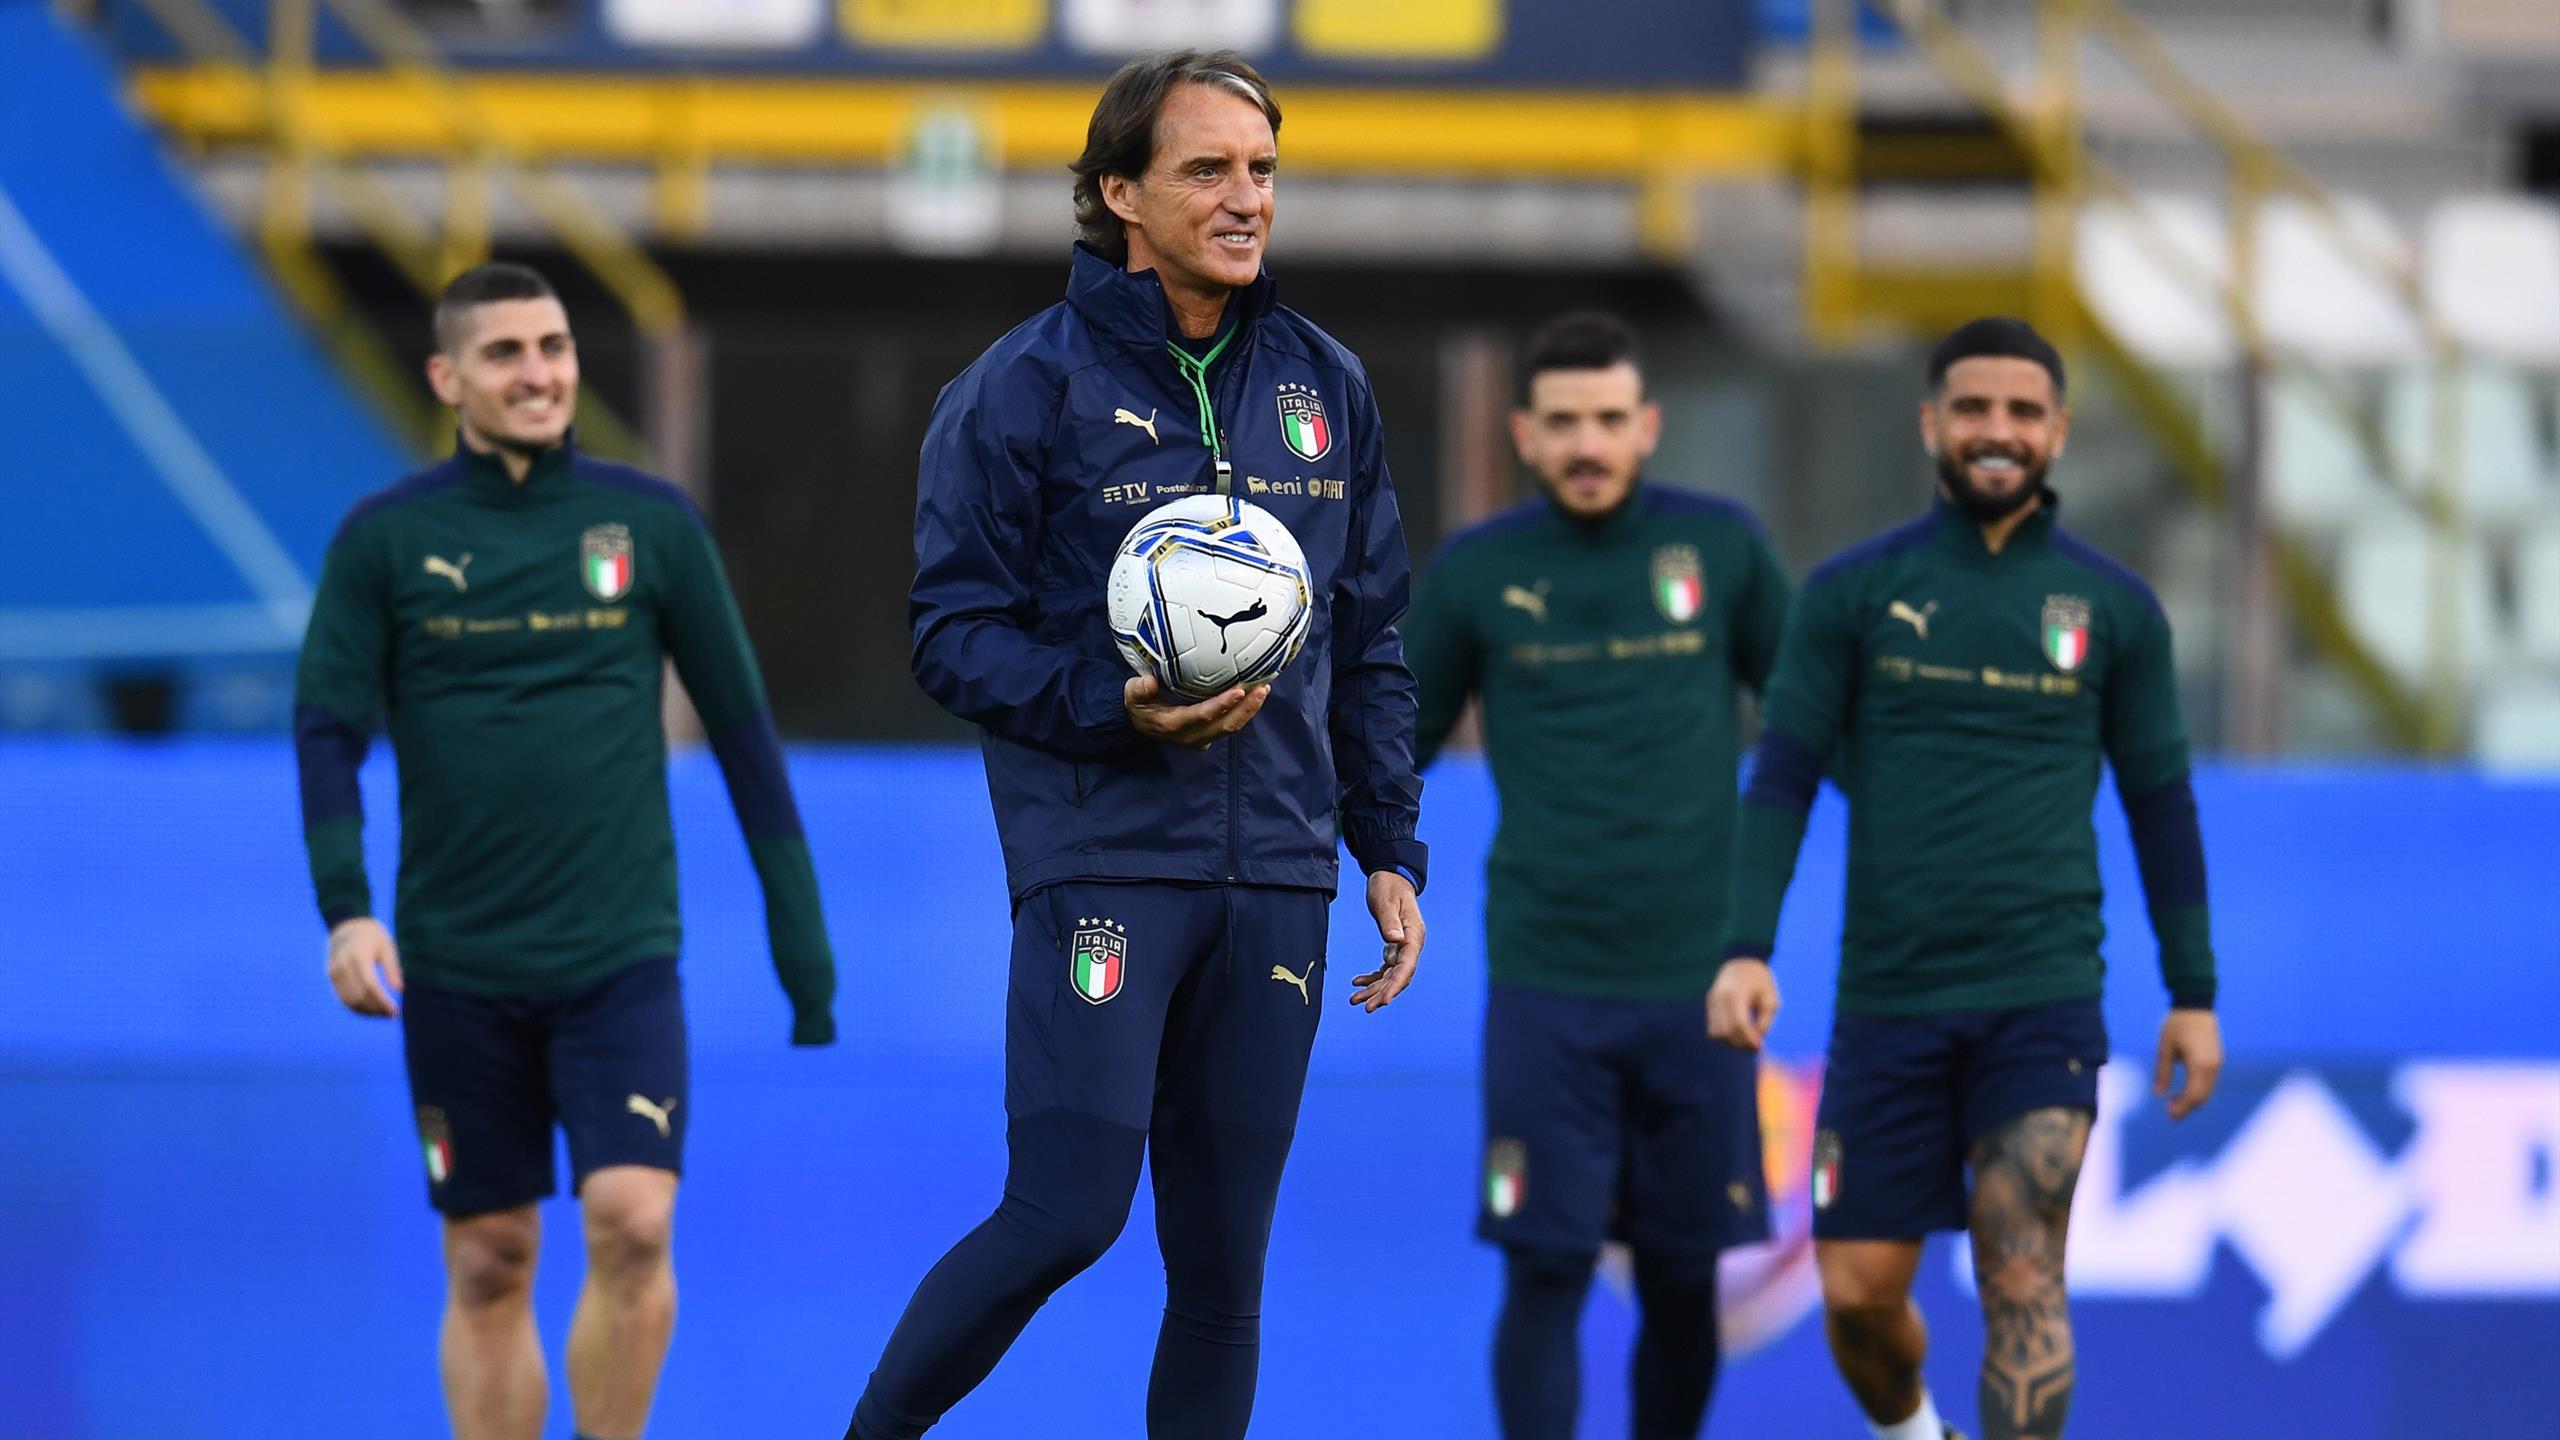 En Algérie, l'Italie de Mancini (avec le ballon) a la cote.